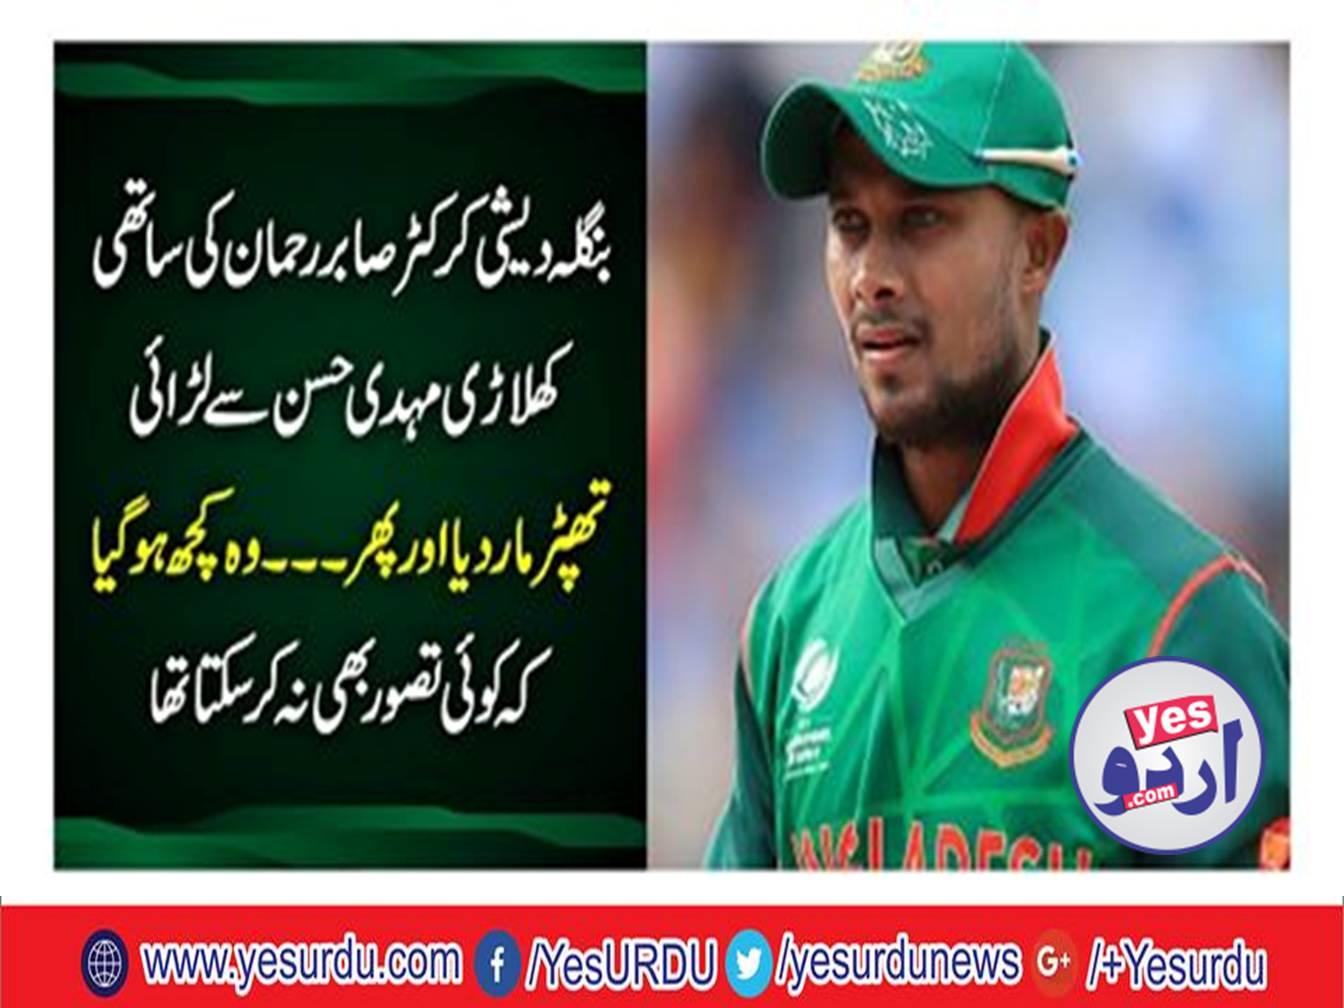 Bangladeshi Cricketer Sabir Rehman Slapped Their Team mate Mehdi Hasan